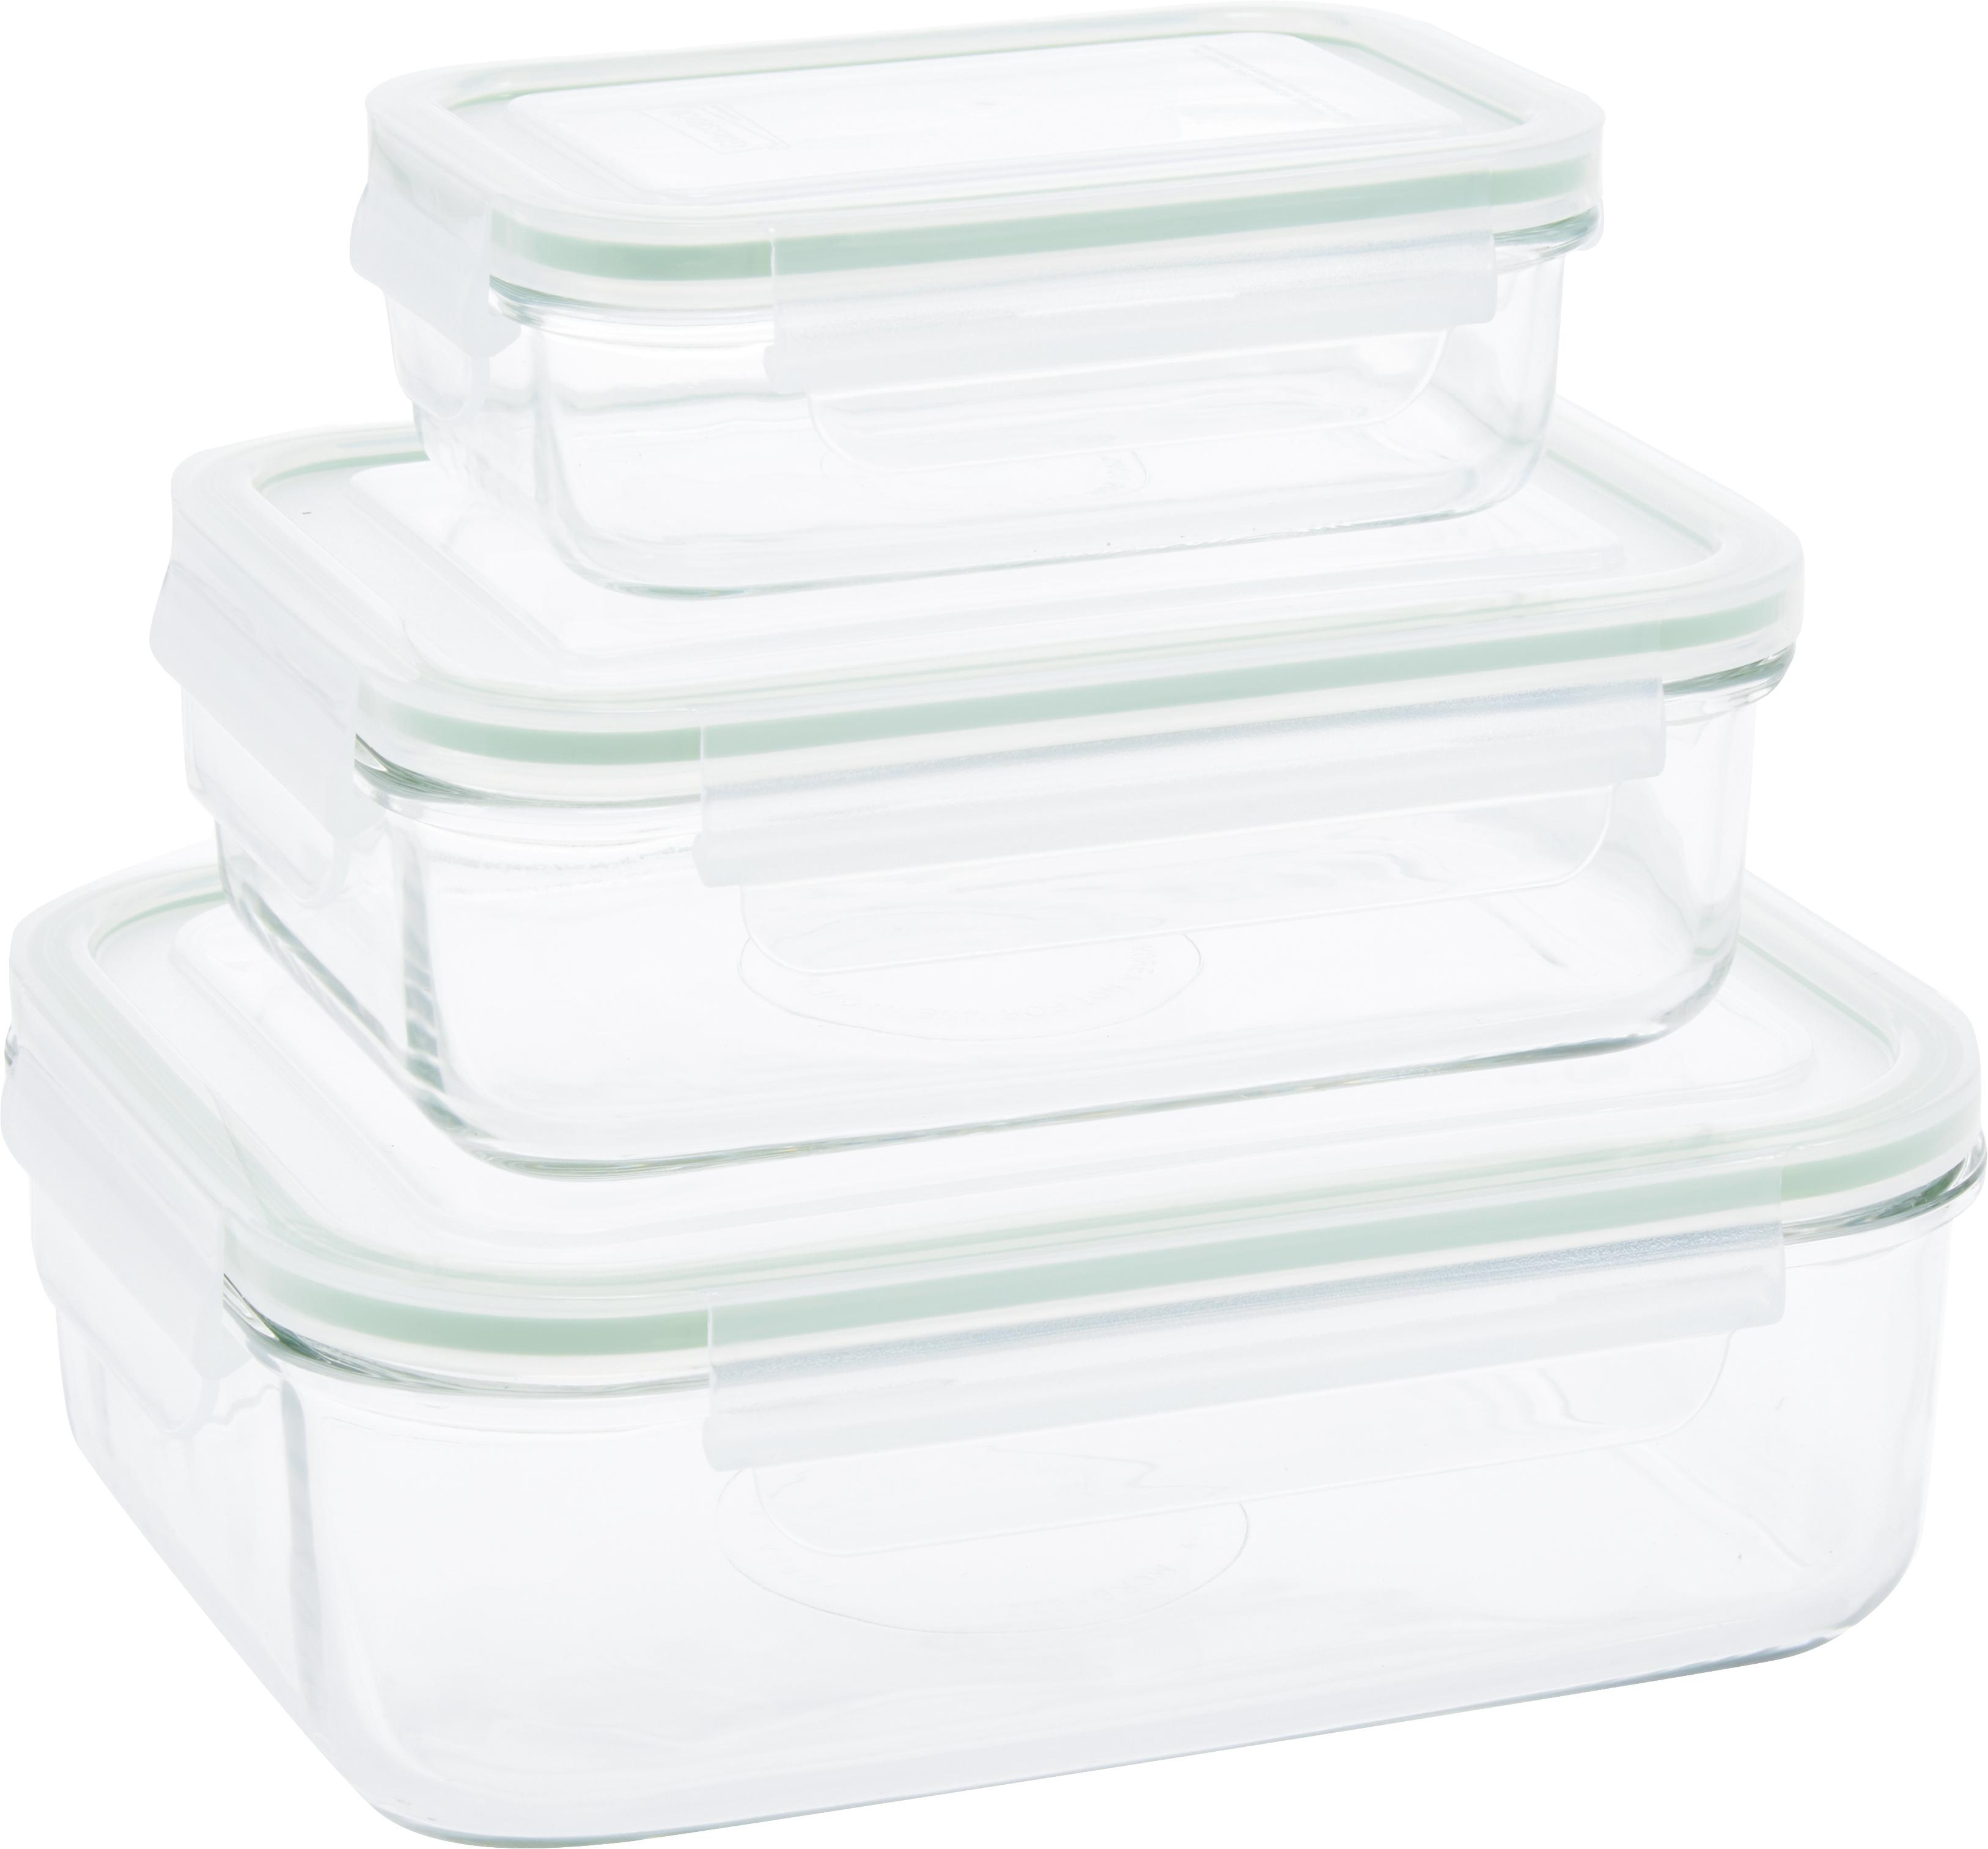 Set contenitori per alimenti Alma 3 pz, Contenitore: vetro temperato, privo di, Trasparente, verde chiaro, Set in varie misure